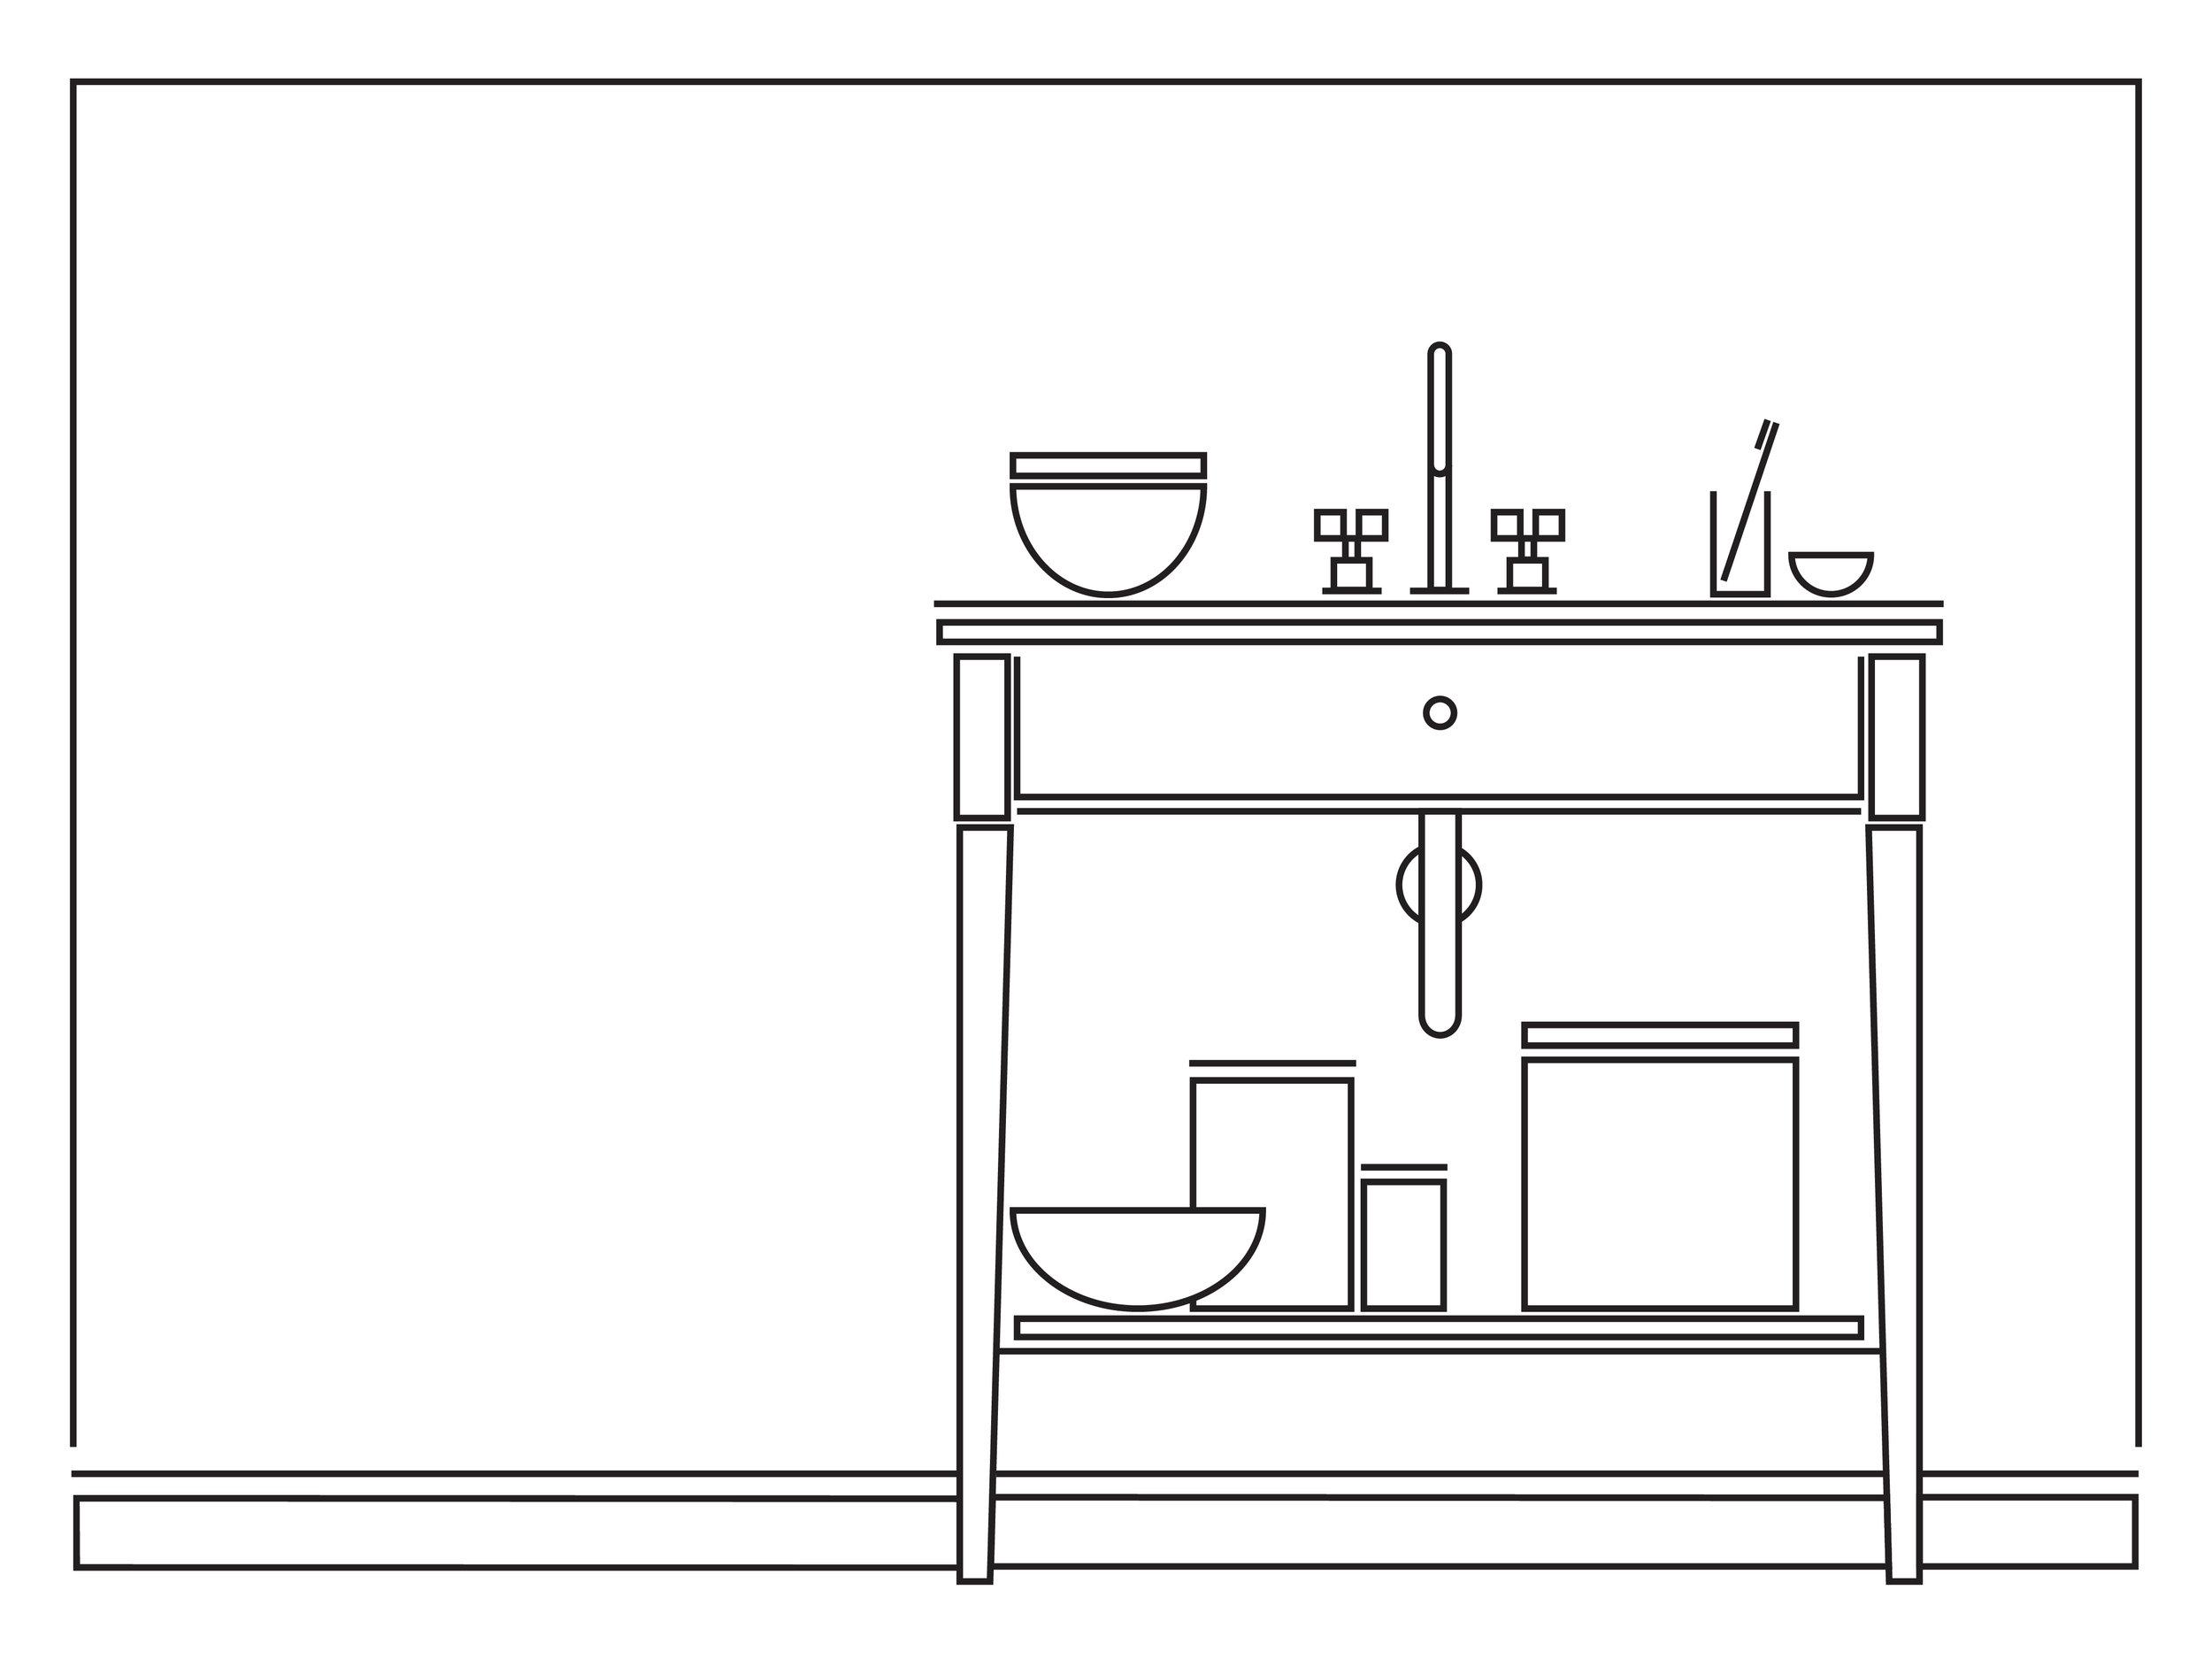 Rejuvenation-Illustrations-10.jpg